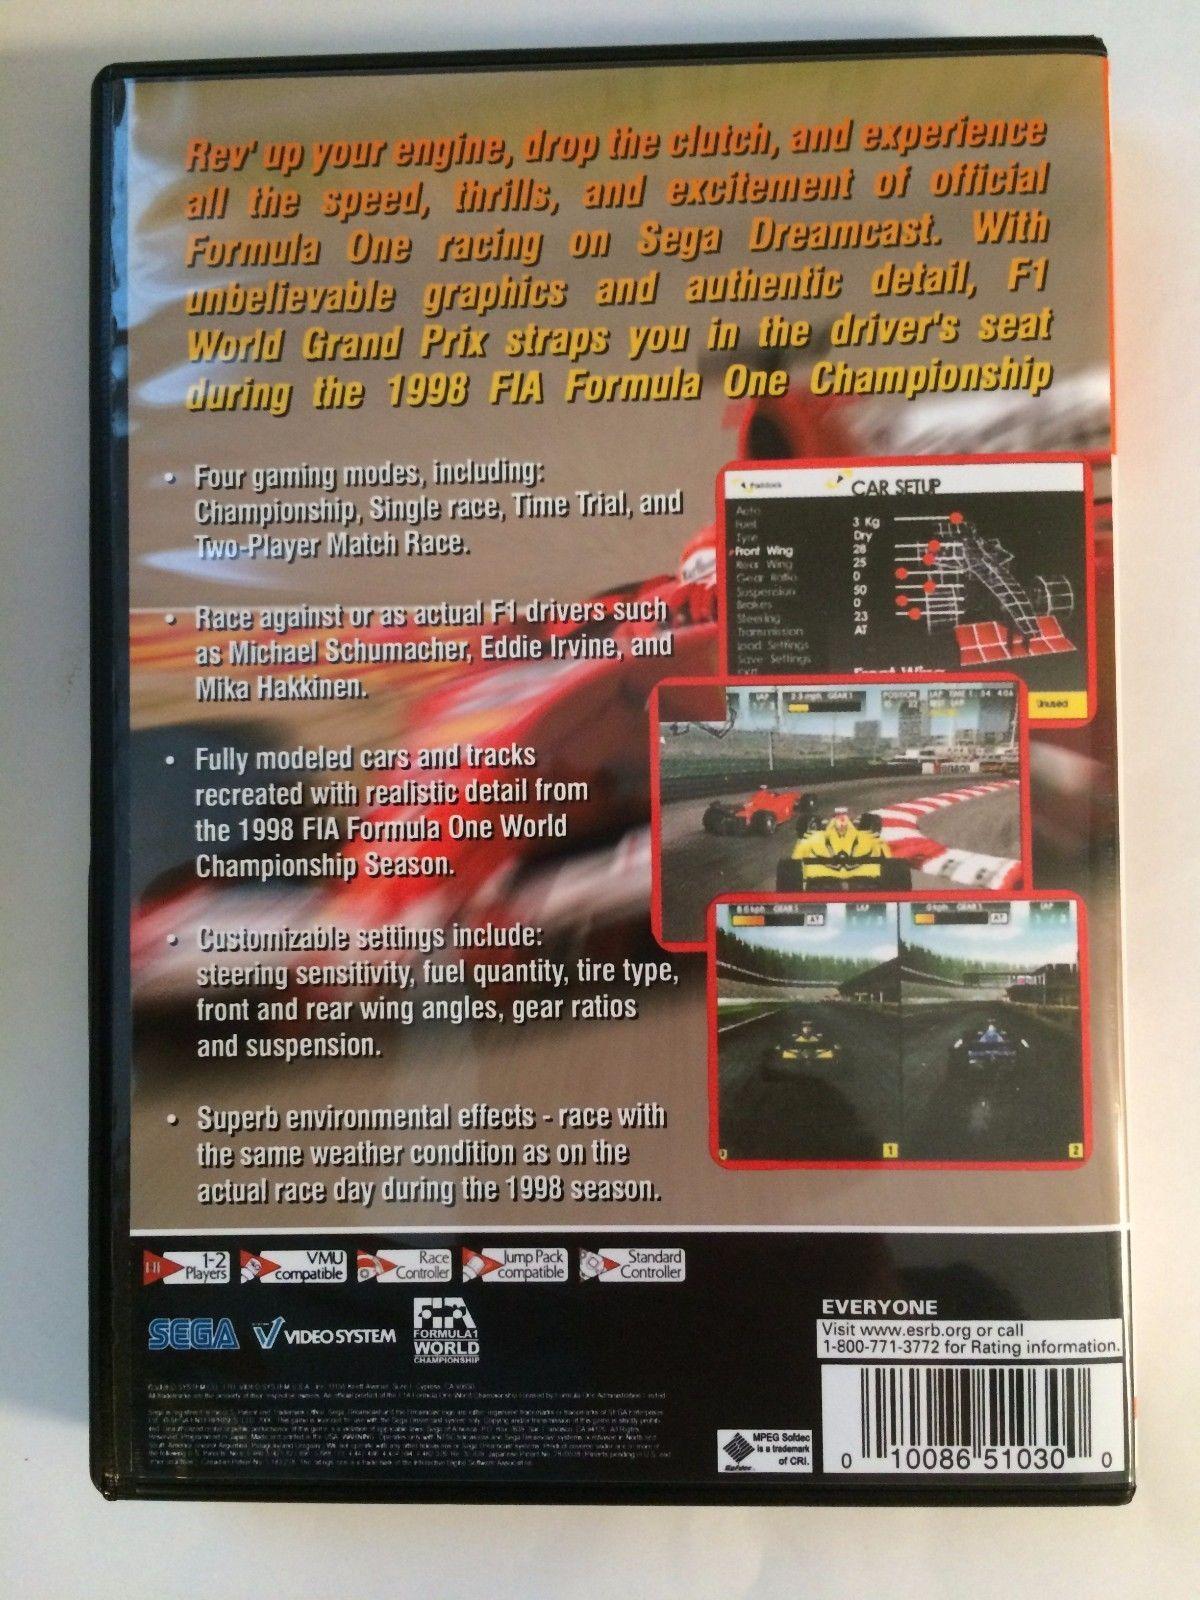 F1 World Grand Prix - Sega Dreamcast - Replacement Case - No Game